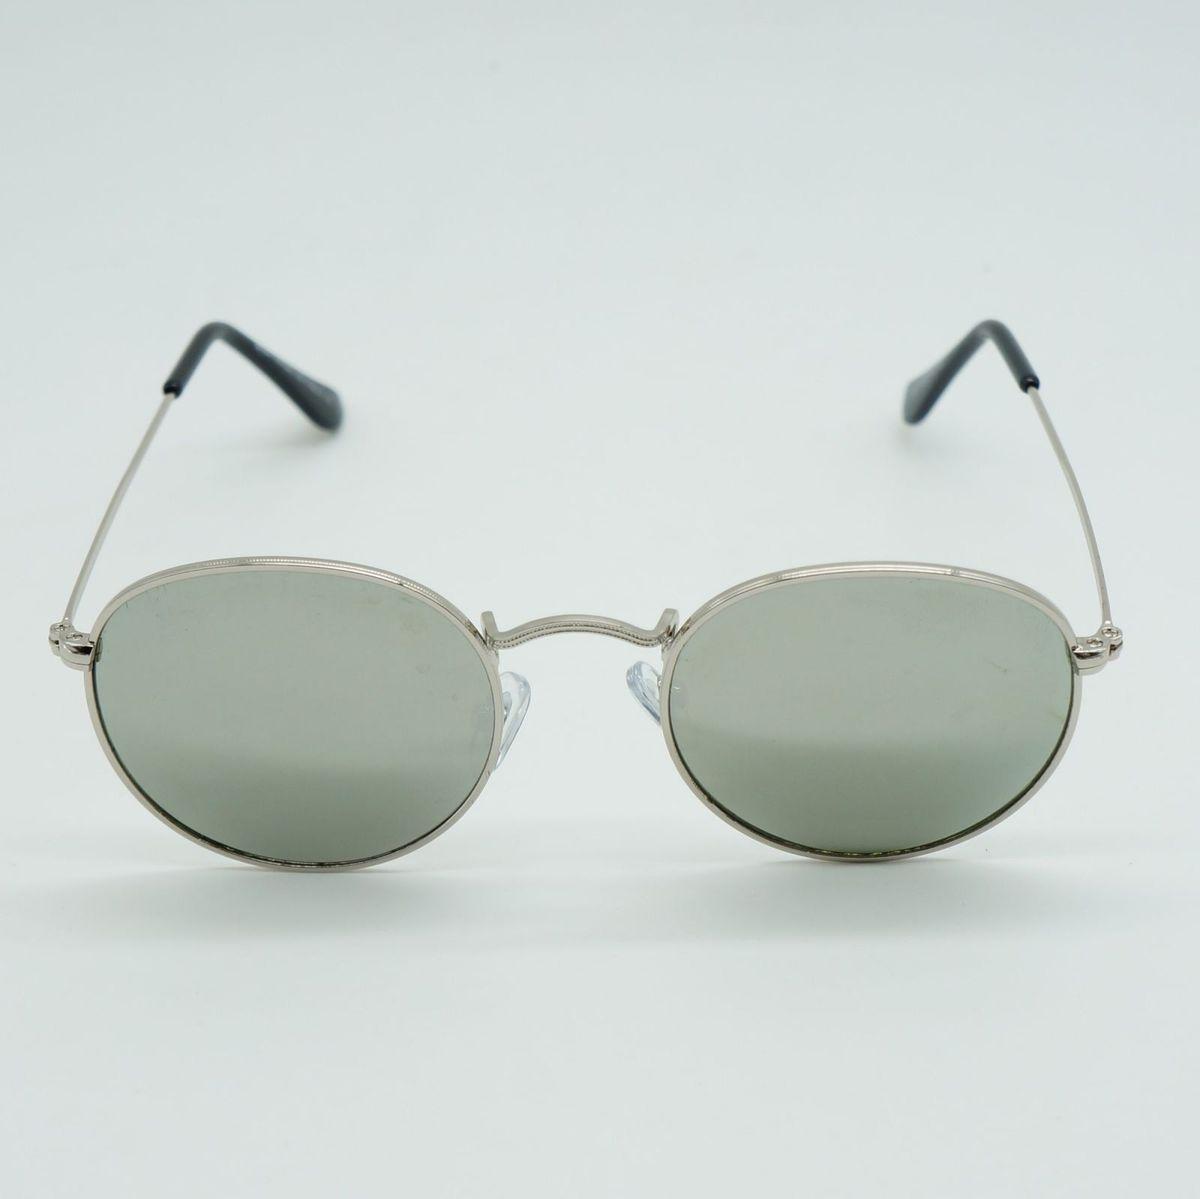 d131dc2d25b8c oculos de sol masculino redondo prata cinza espelhado proteção uva uvb -  óculos sem marca